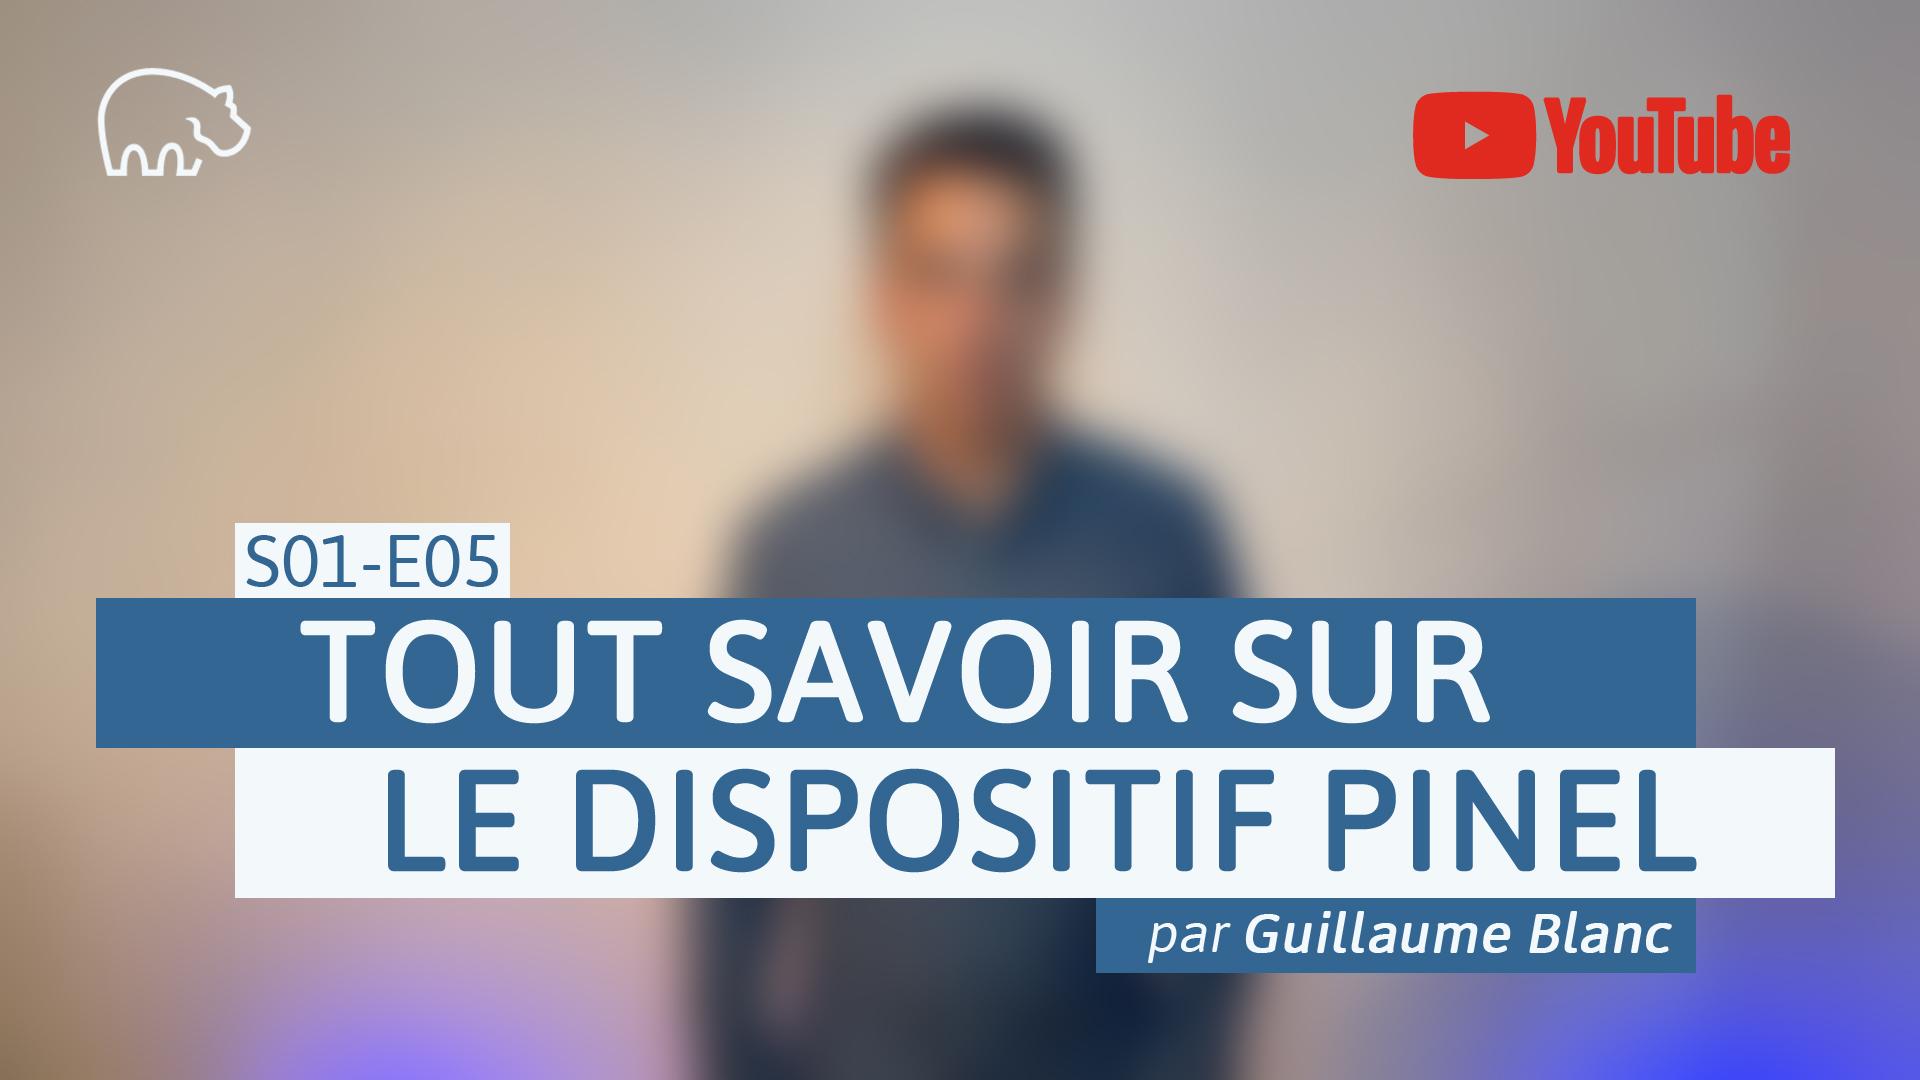 Bannière illustration - ImmoPotamTV - YouTube - Guillaume Blanc - S01-E05 - Tout savoir sur le dispositif Pinel